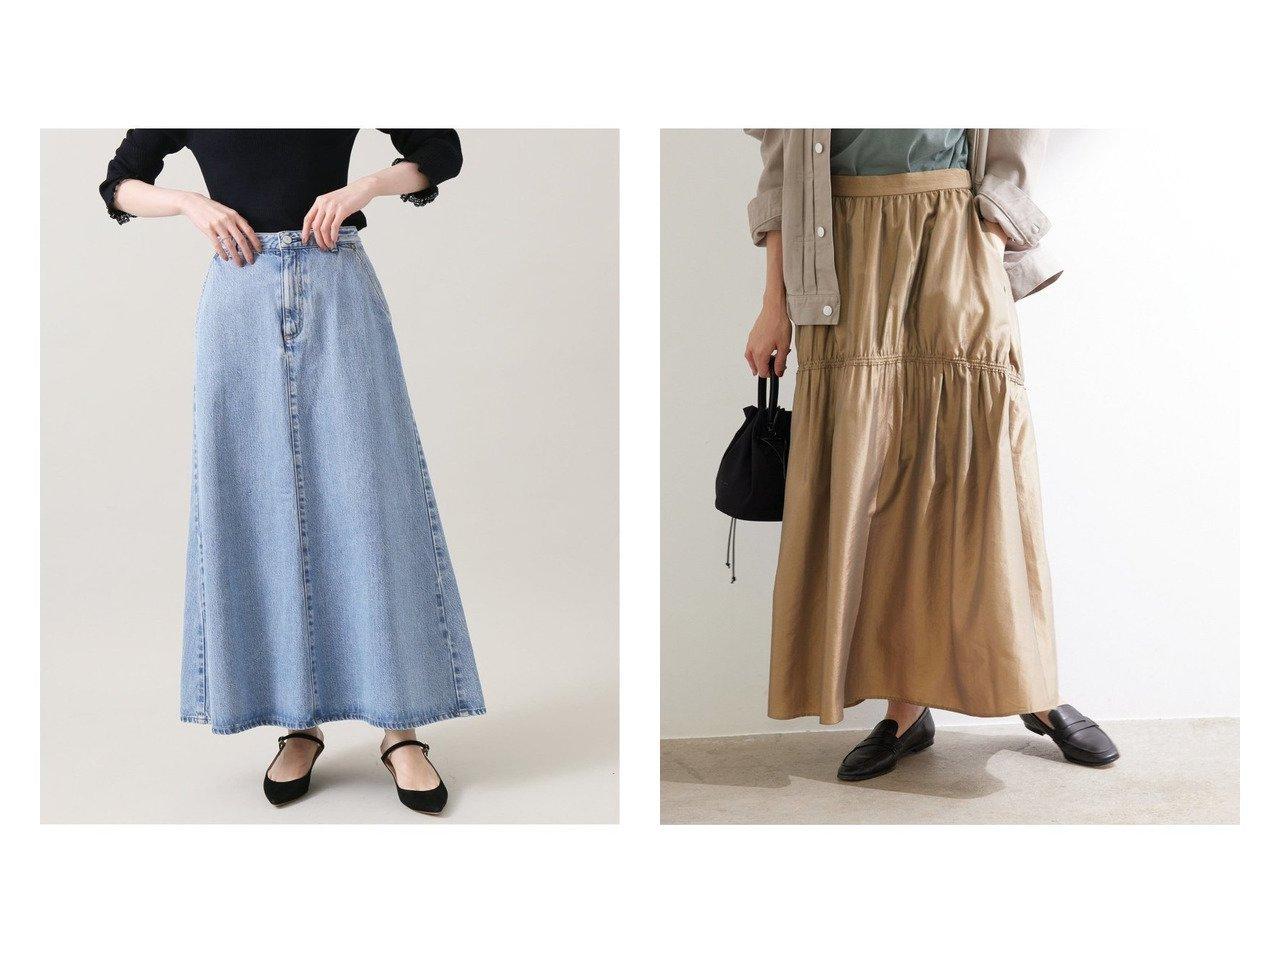 【ROPE'/ロペ】のタフタギャザースカート&【IENA/イエナ】のエコデニムトラペーズスカート 【スカート】おすすめ!人気、トレンド・レディースファッションの通販   おすすめで人気の流行・トレンド、ファッションの通販商品 インテリア・家具・メンズファッション・キッズファッション・レディースファッション・服の通販 founy(ファニー) https://founy.com/ ファッション Fashion レディースファッション WOMEN スカート Skirt ロングスカート Long Skirt インディゴ クラシック シンプル デニム 定番 Standard 人気 フレア ベーシック ロング A/W・秋冬 AW・Autumn/Winter・FW・Fall-Winter 2021年 2021 2021-2022秋冬・A/W AW・Autumn/Winter・FW・Fall-Winter・2021-2022 秋 Autumn/Fall シャンブレー スリット タフタ ティアード バランス ポケット モダン おすすめ Recommend  ID:crp329100000064823